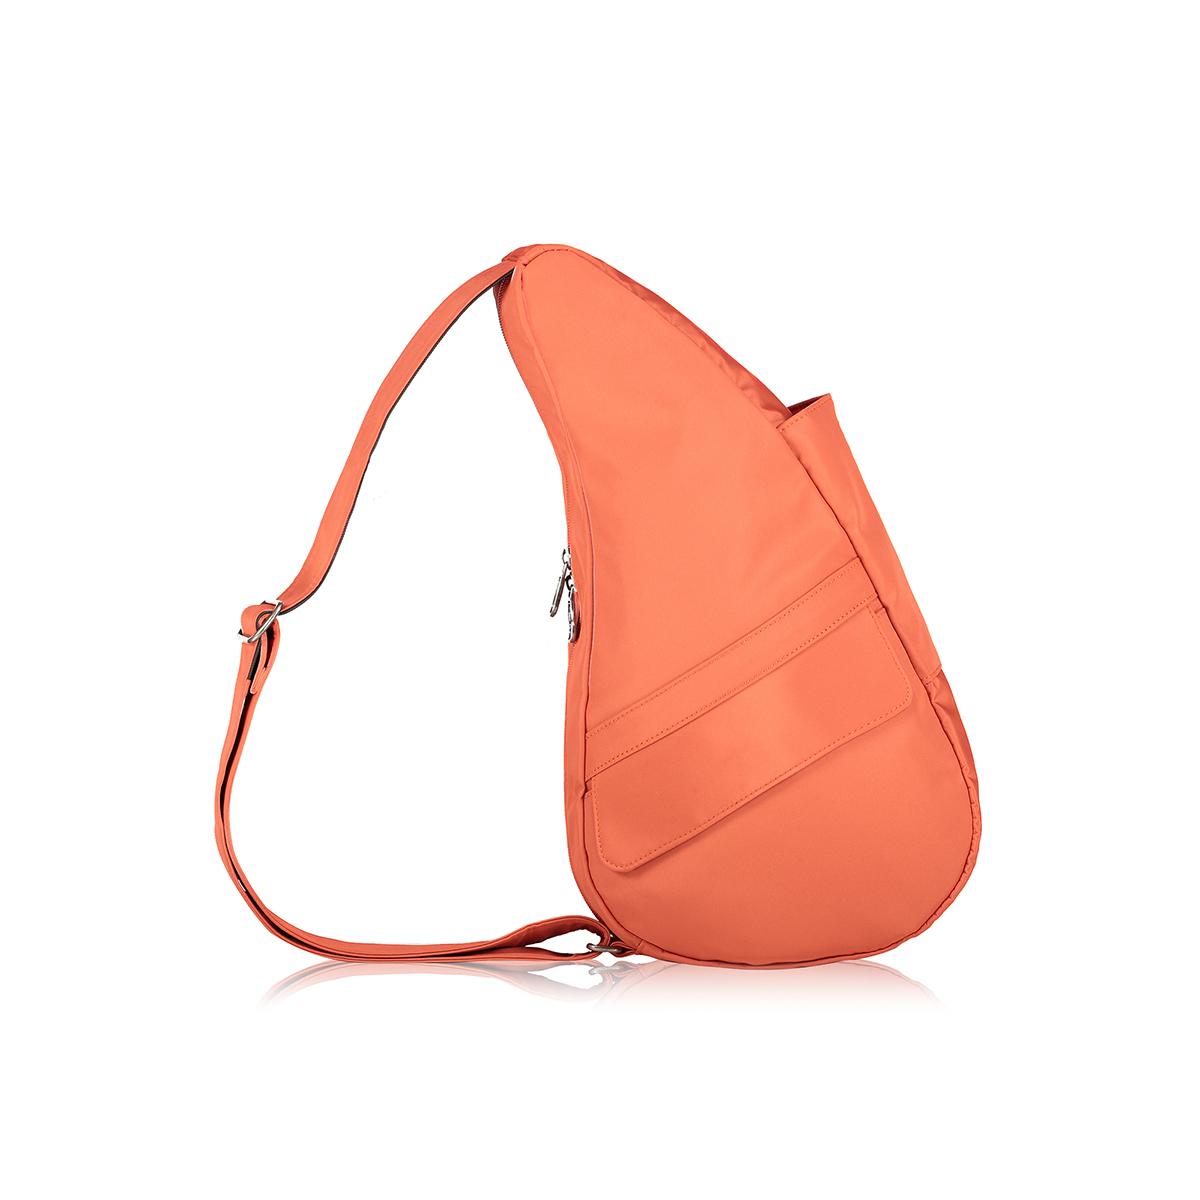 Healthy Back Bag/ヘルシーバックバッグ/ショルダーバッグ/ボディバッグ/旅行バッグ/軽量/レディース/メンズ 《限定ポーチ付》 公式ストア ヘルシーバックバッグ マイクロファイバー Sサイズ テラコッタ